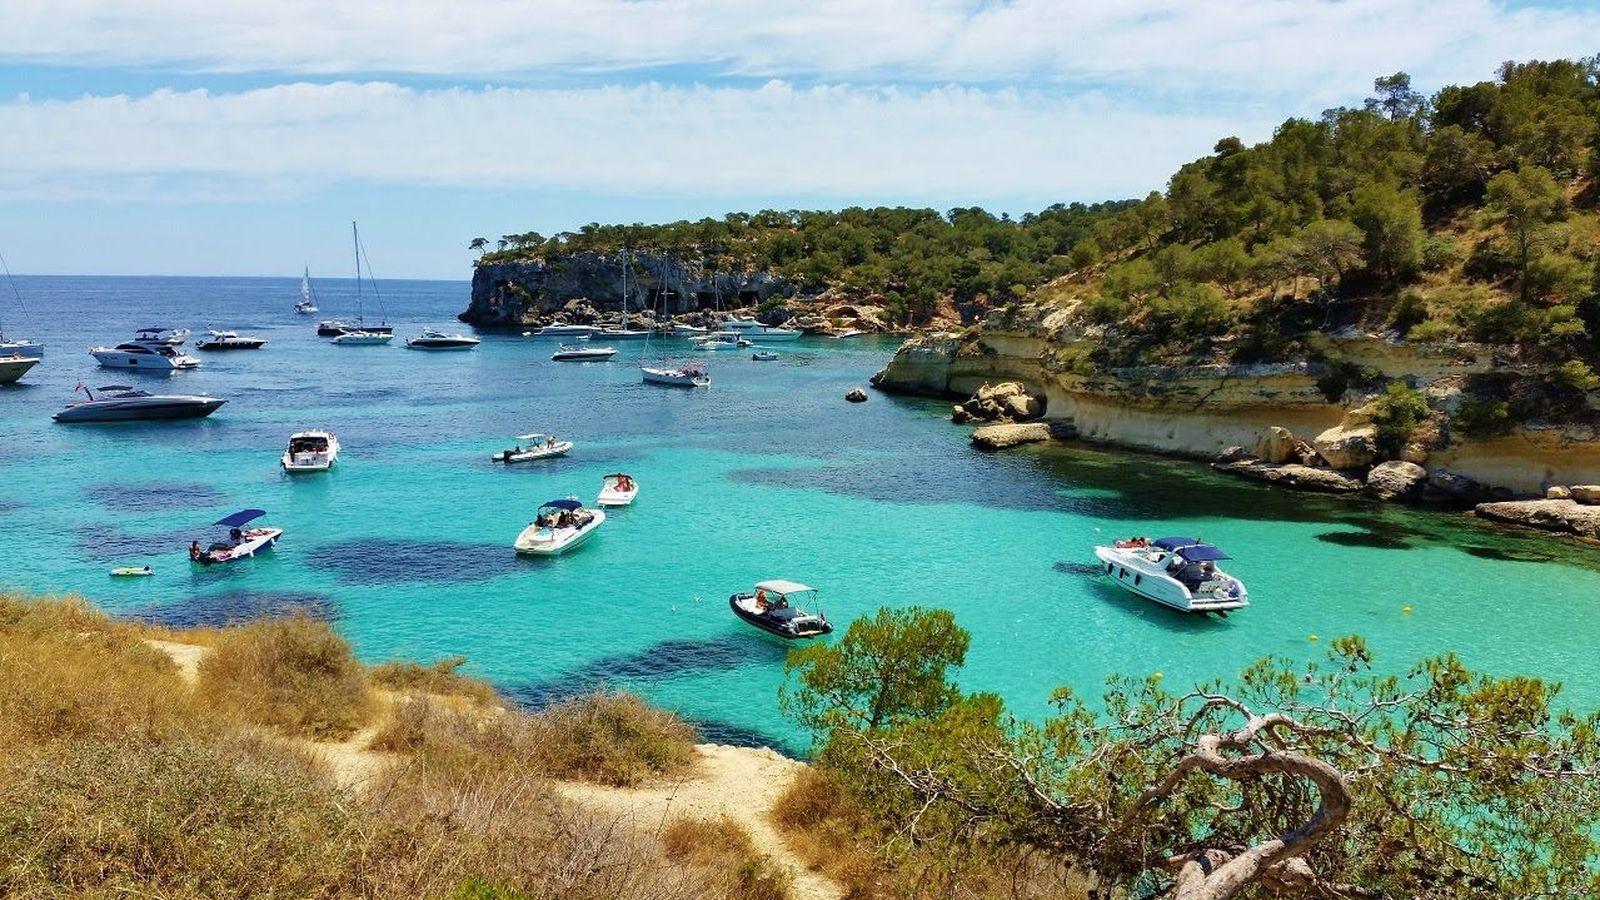 Foto: Cala de Portals Vells, en Mallorca. (CC/John Power)